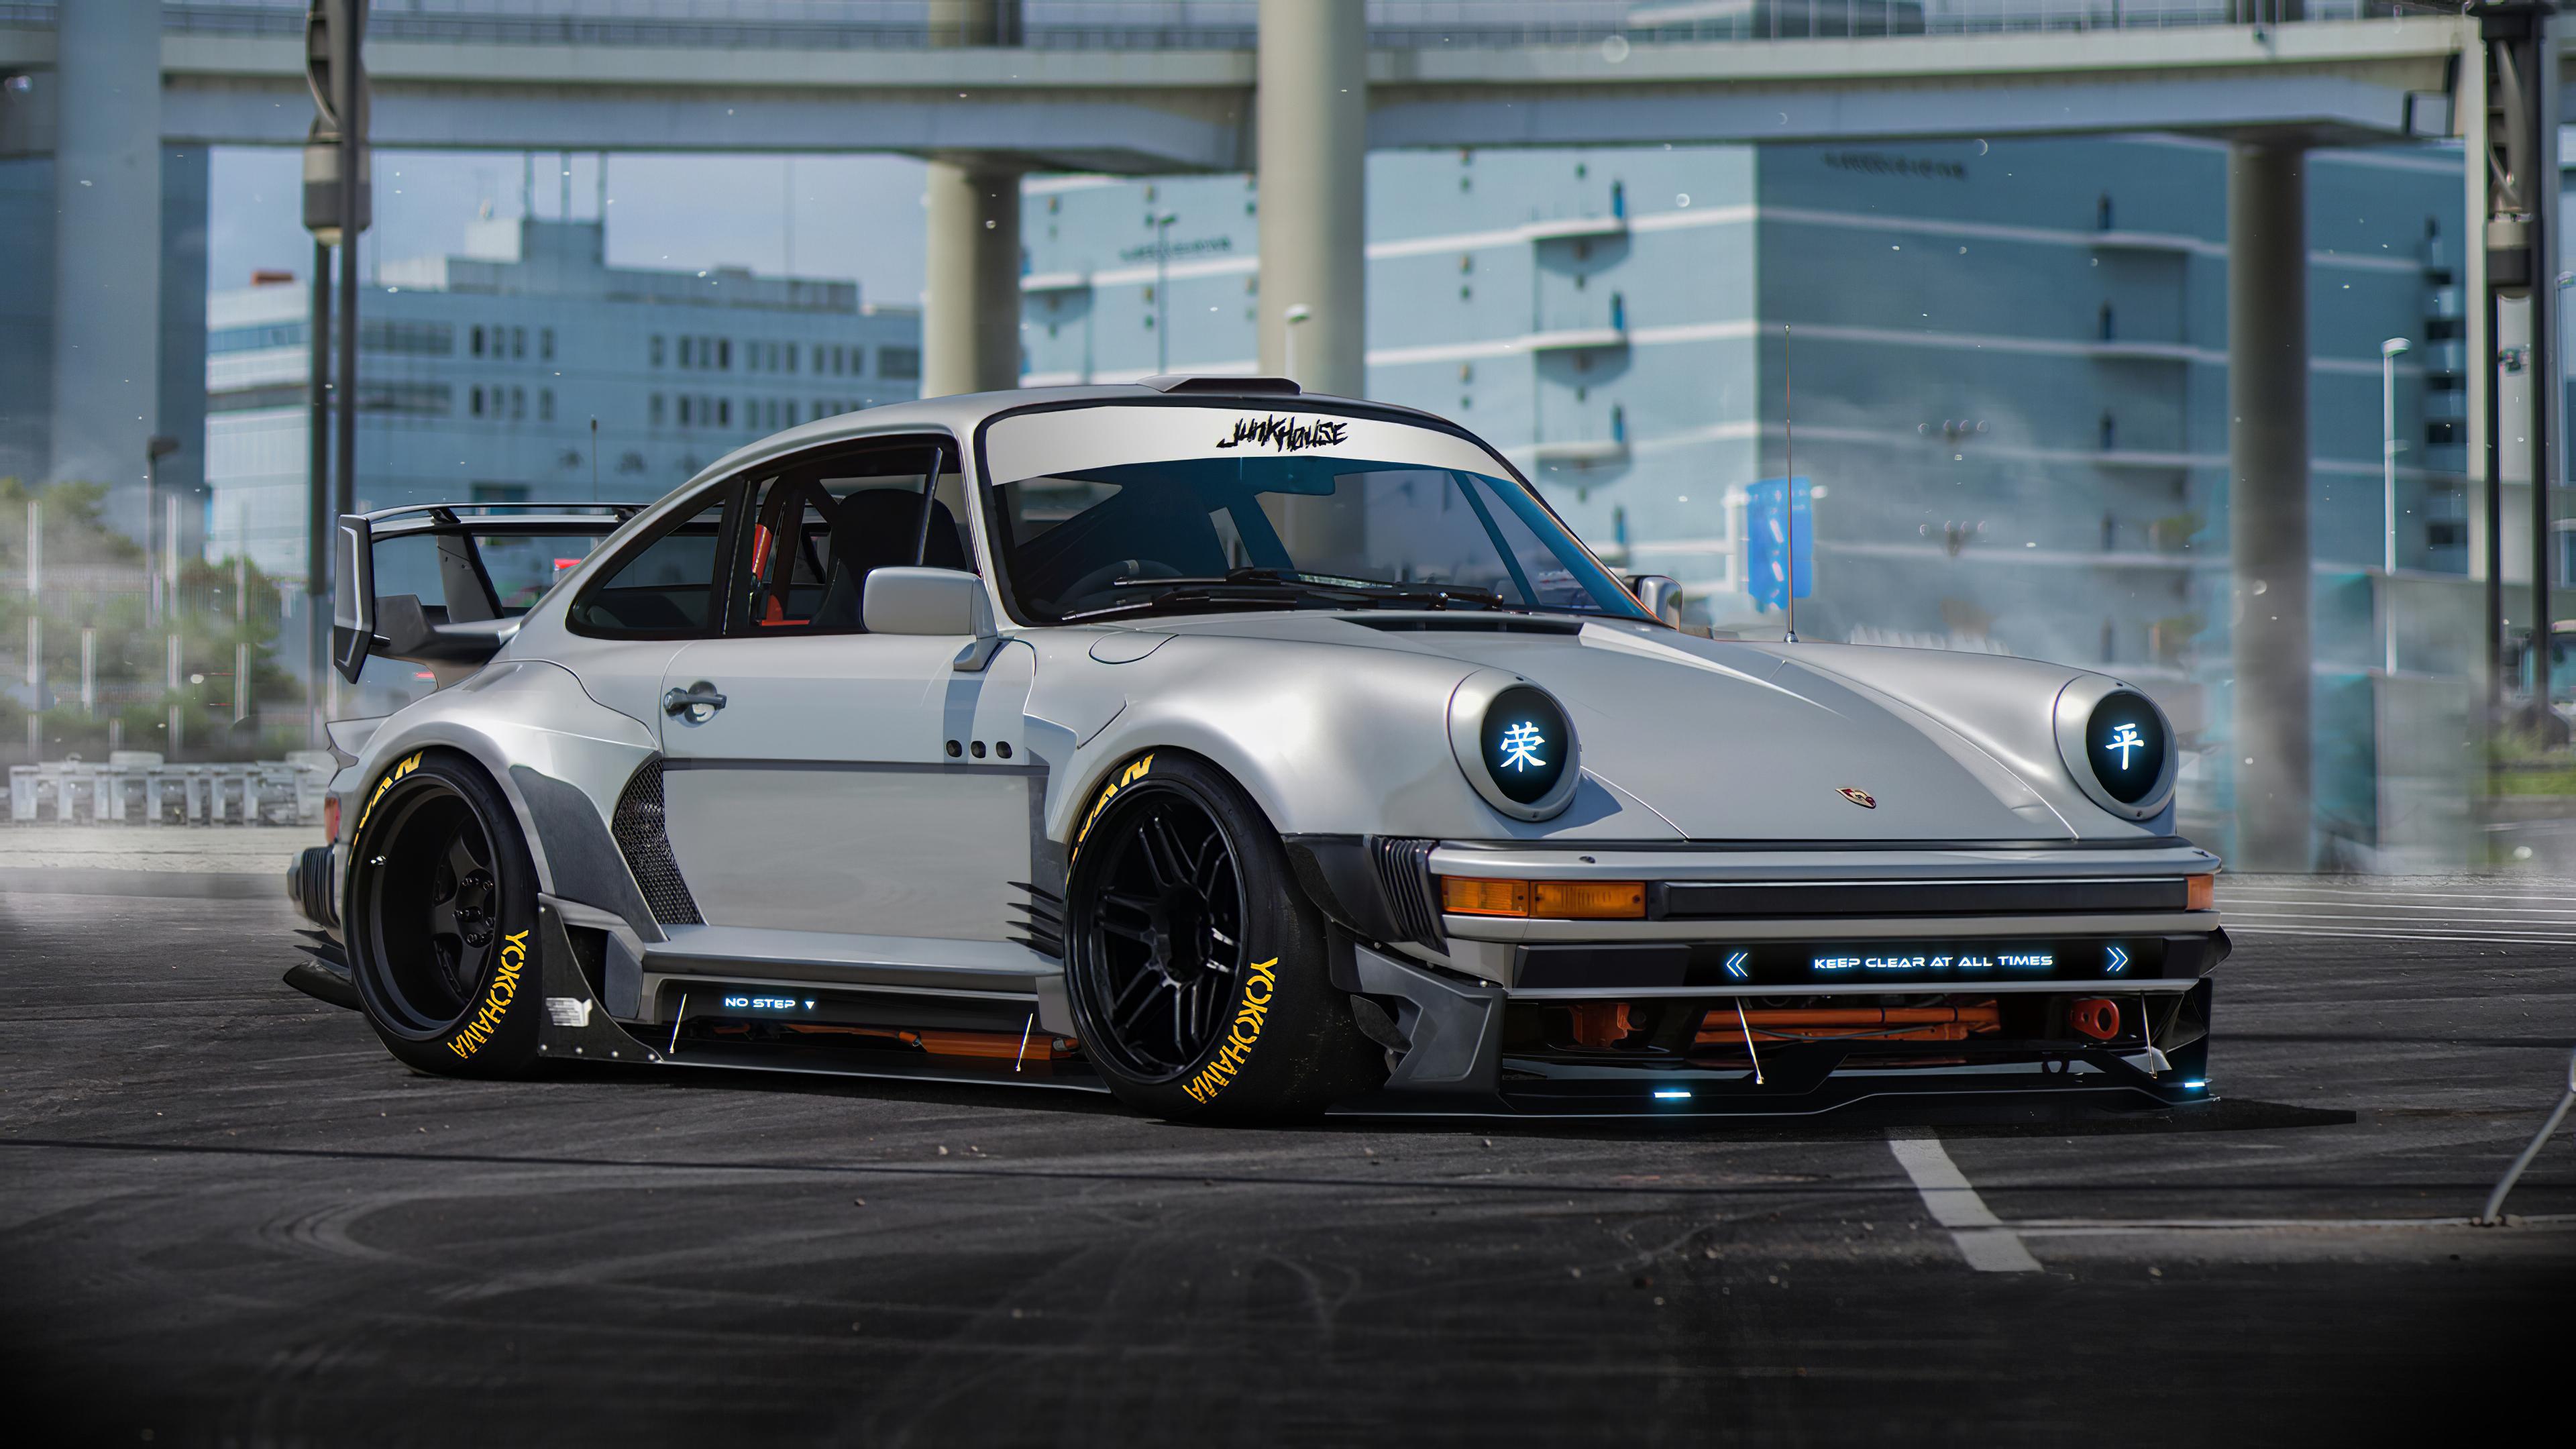 porsche 930 art 1577653537 - Porsche 930 Art - Porsche 930 4k wallpaper